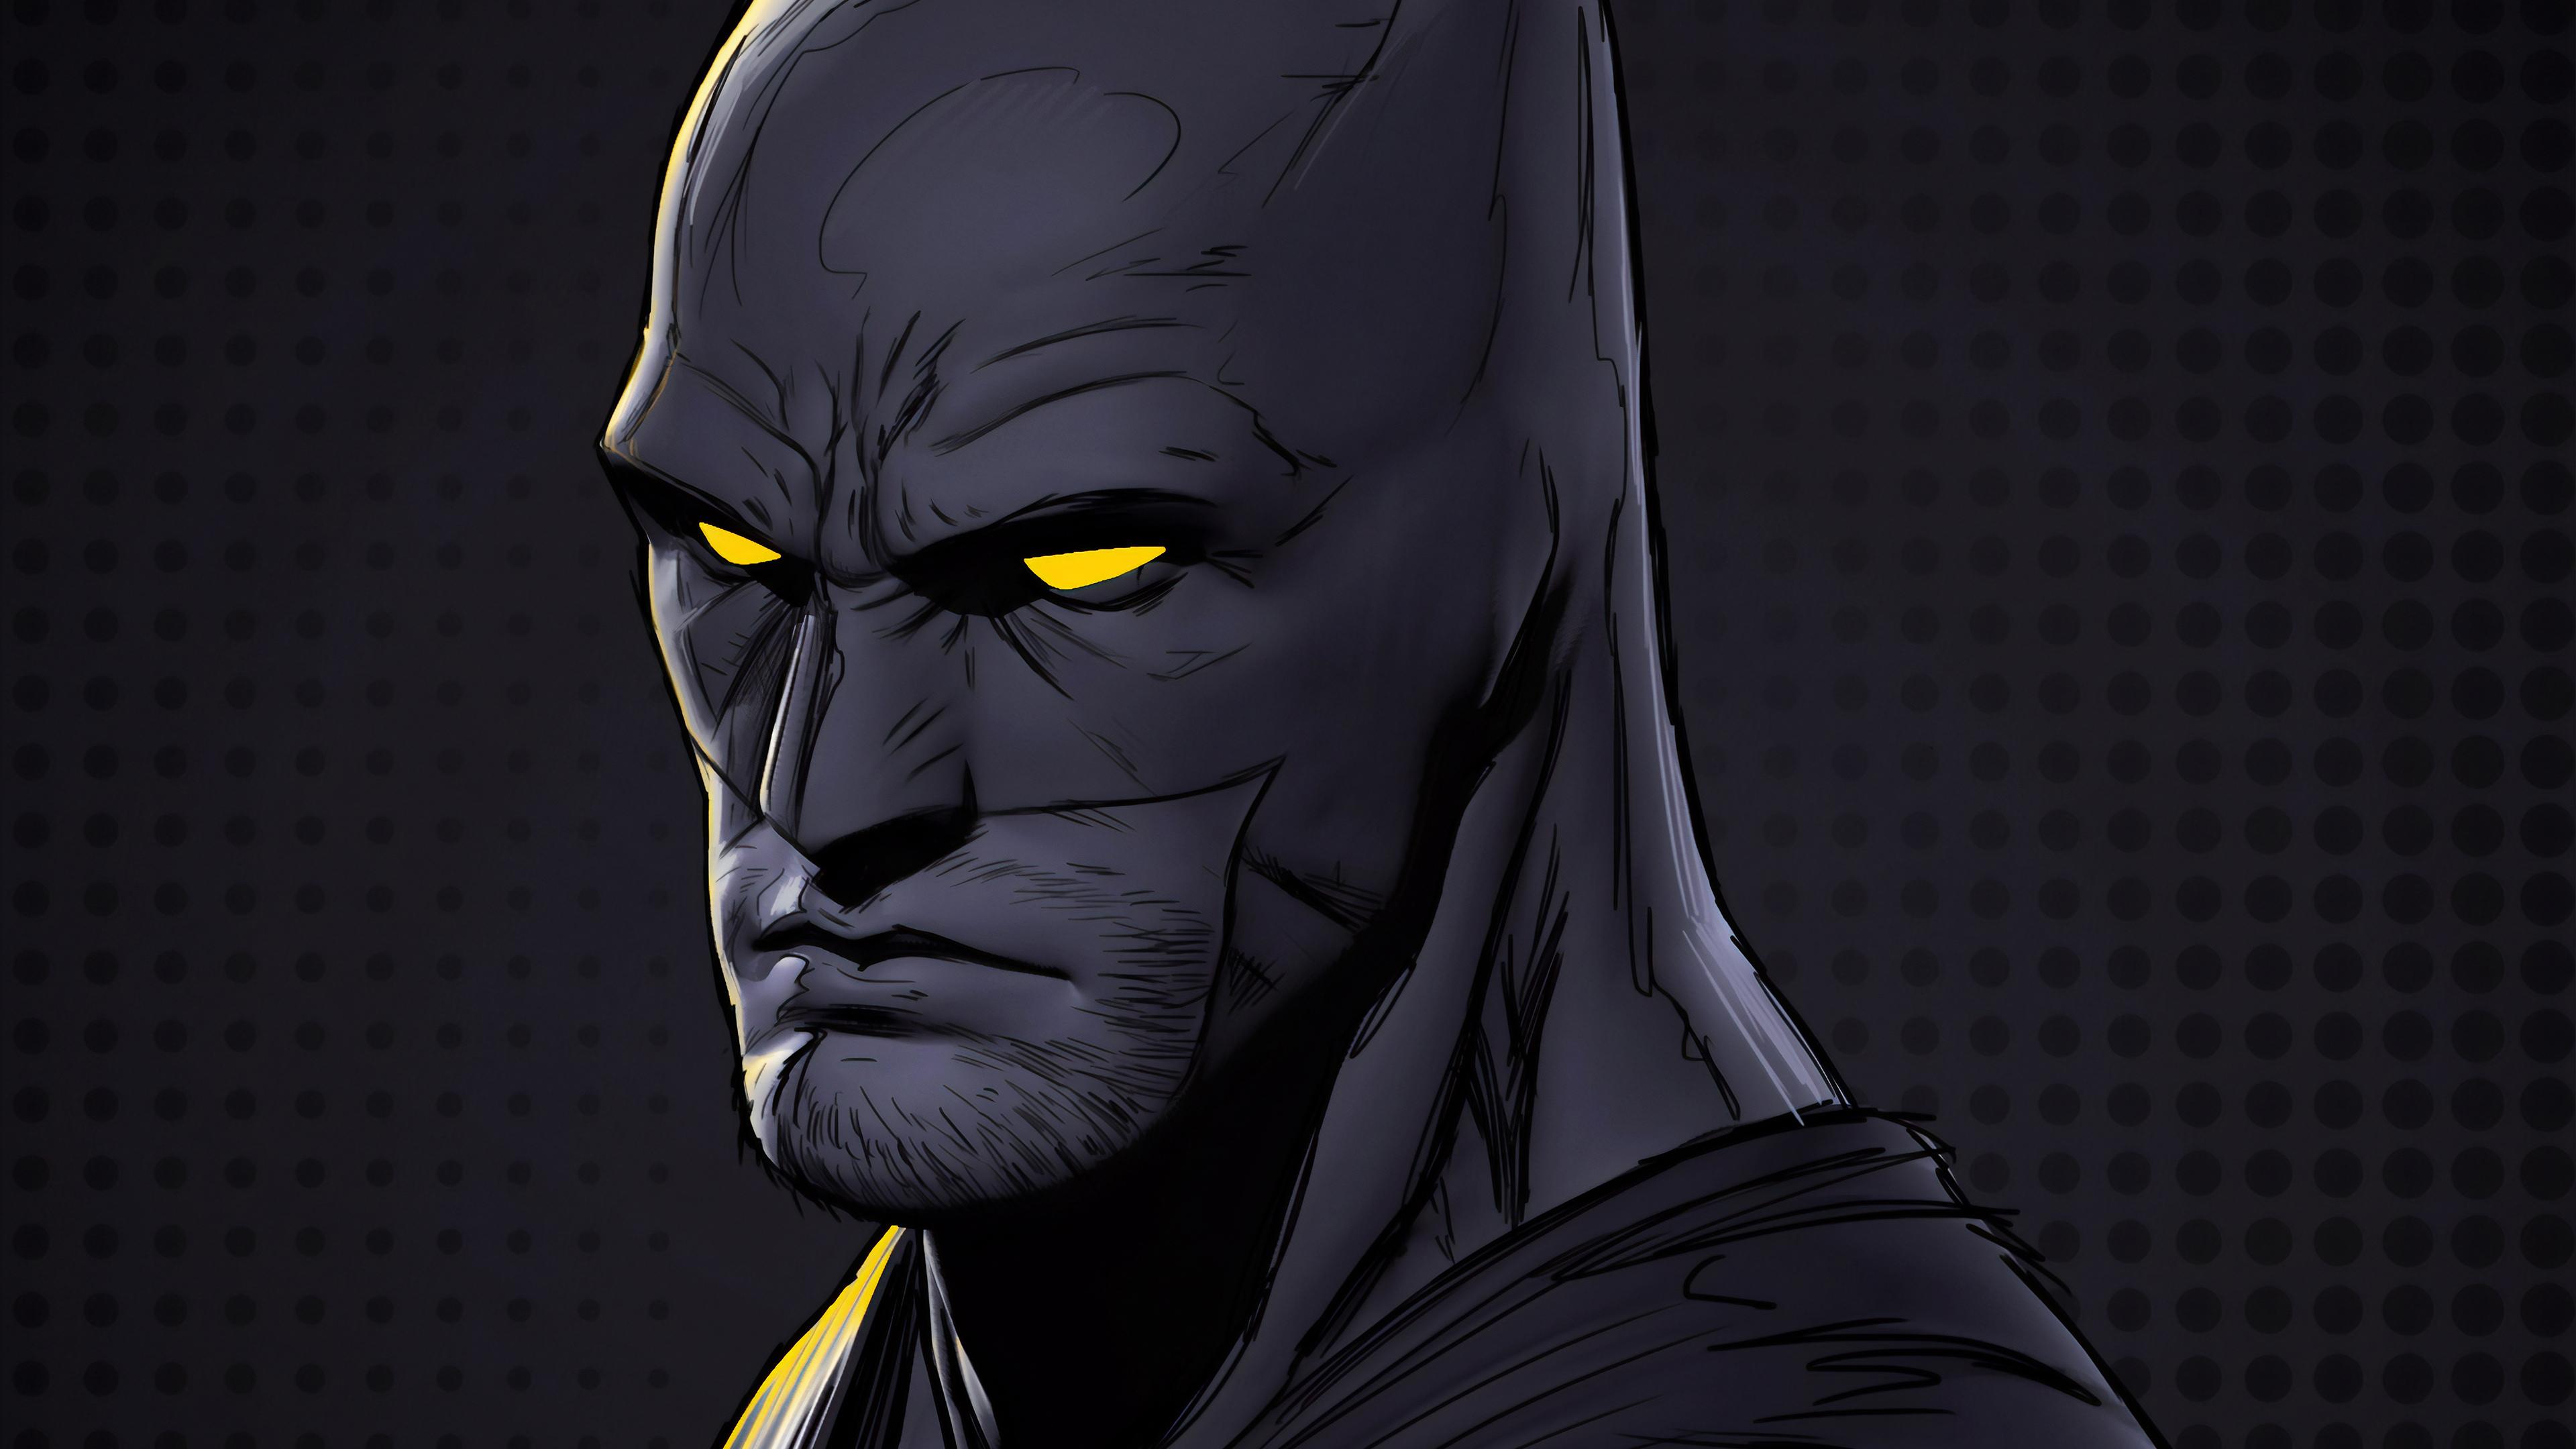 batman glowing eyes digital art 1565052757 - Batman Glowing Eyes Digital Art - superheroes wallpapers, hd-wallpapers, digital art wallpapers, batman wallpapers, artwork wallpapers, artstation wallpapers, artist wallpapers, 4k-wallpapers